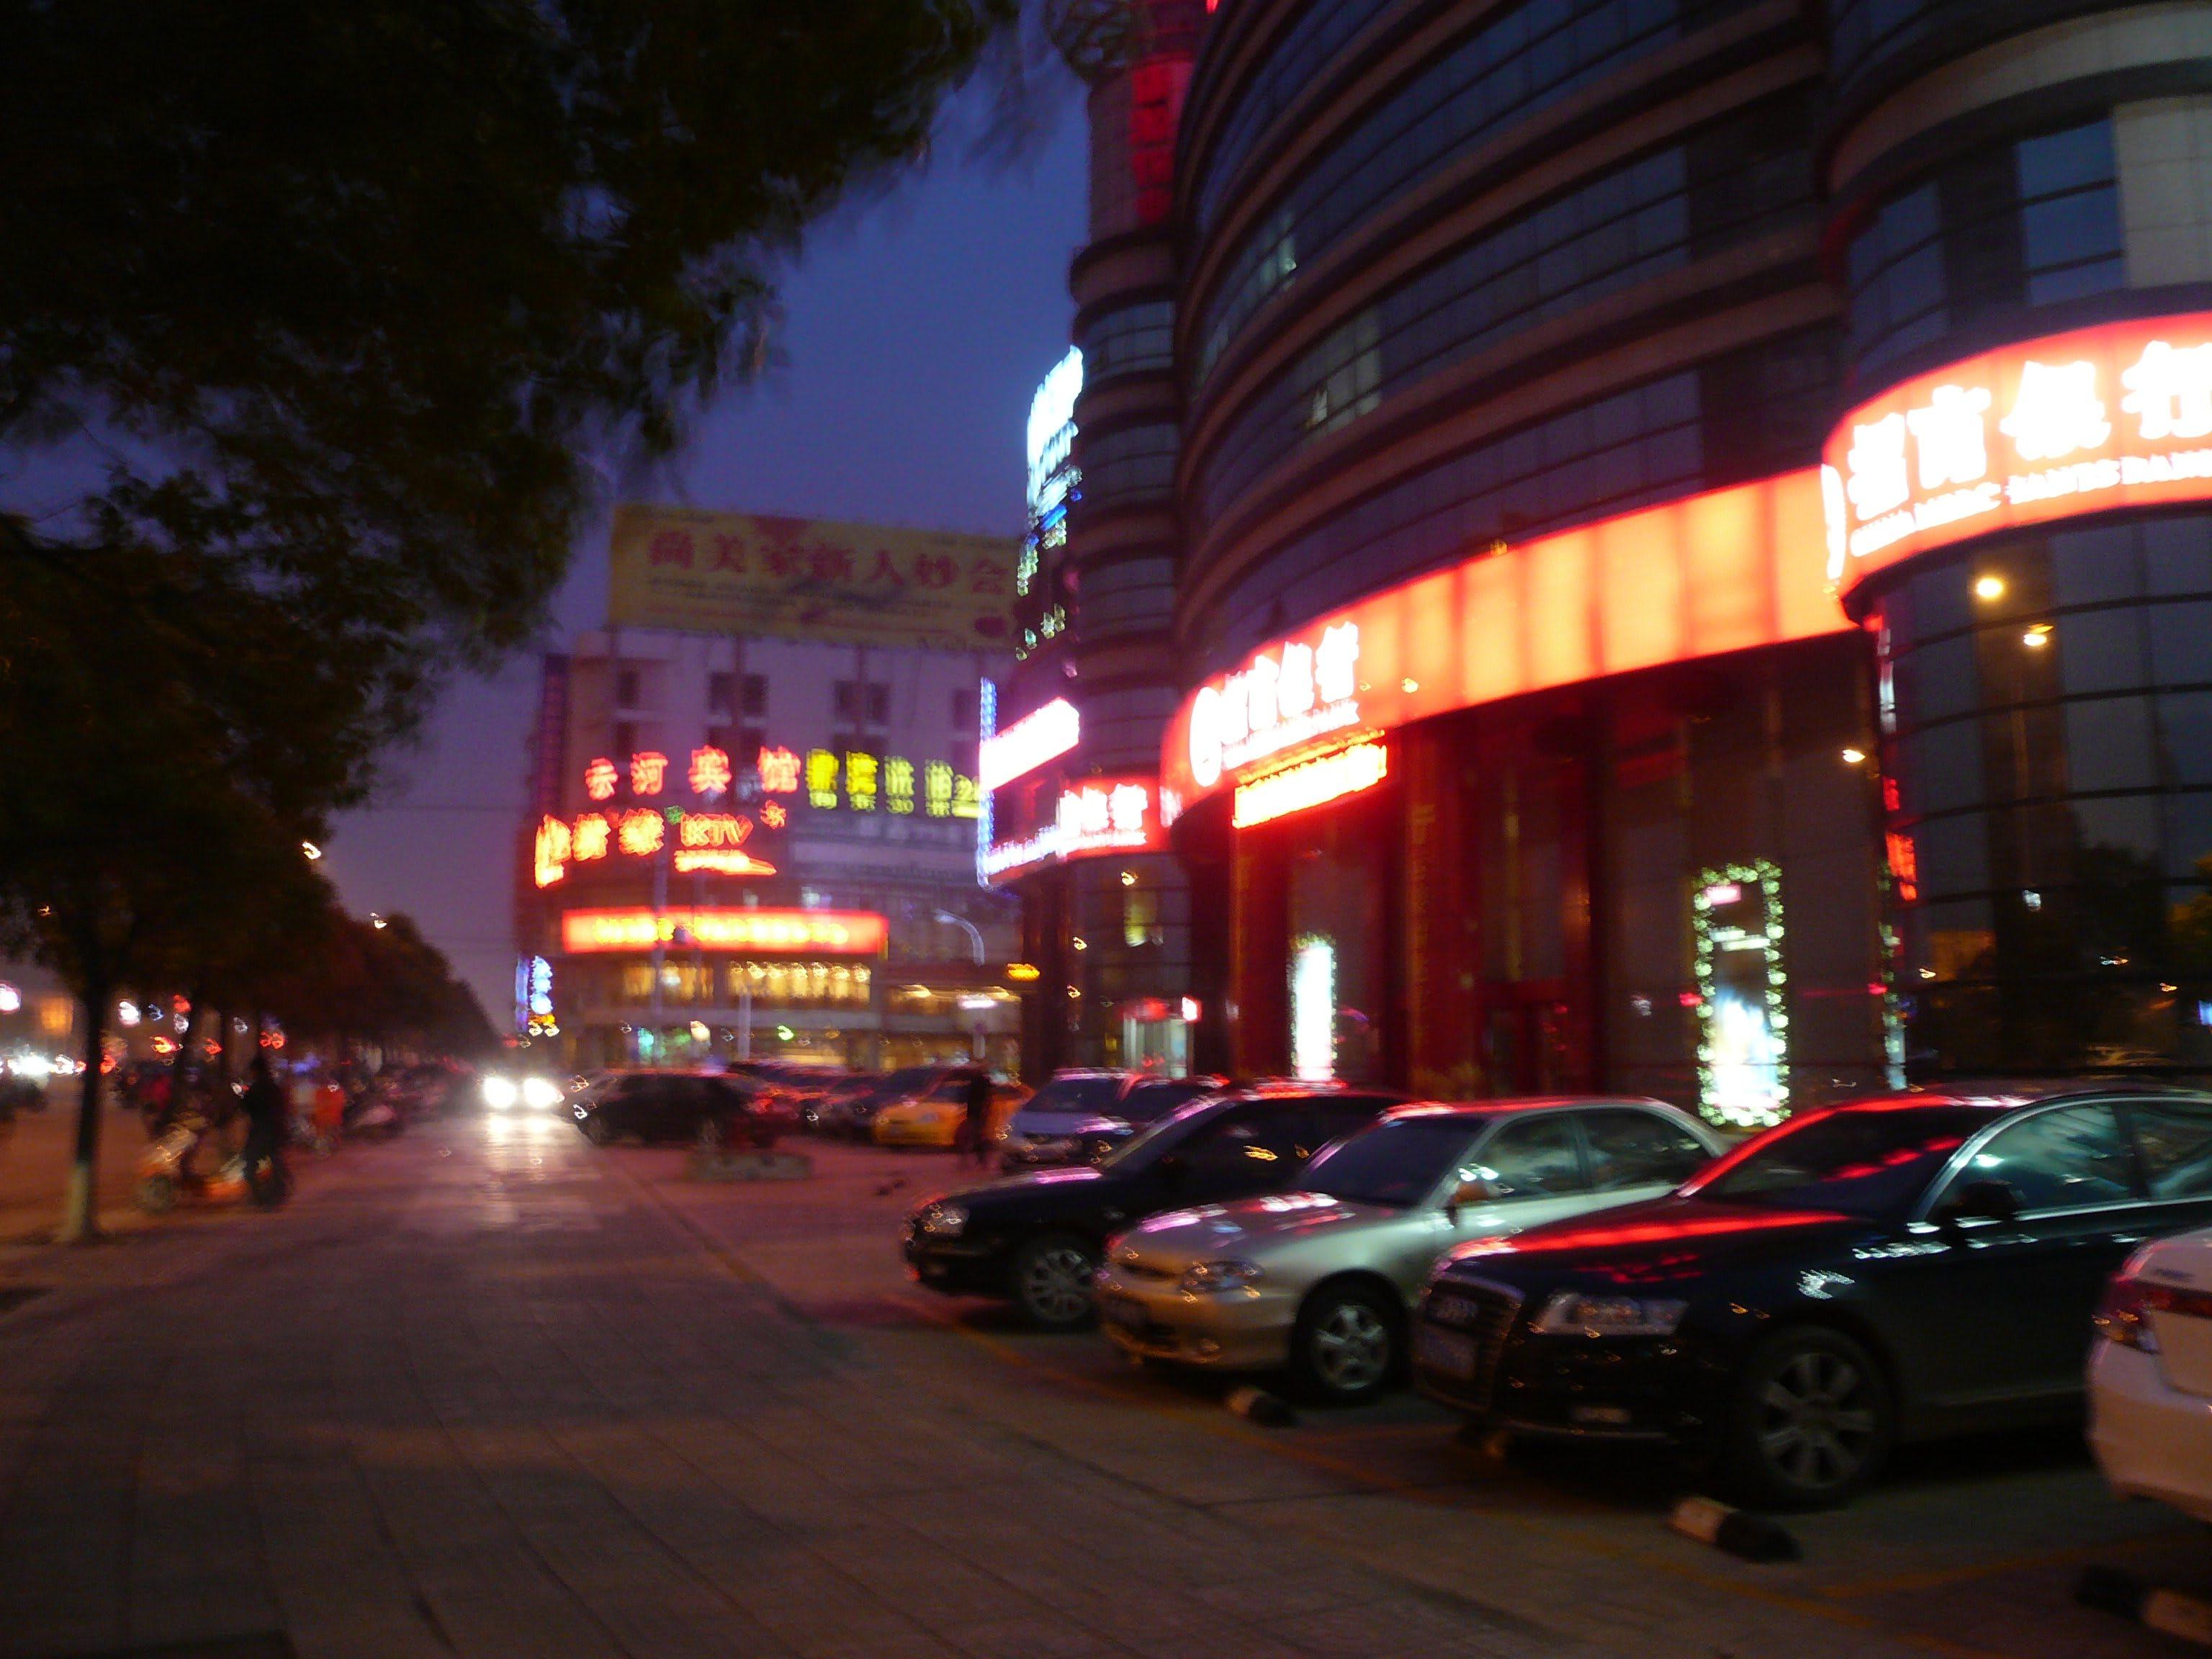 夜の街 中国 上総の写真 クリックすると壁紙サイズの写真 画像 になります